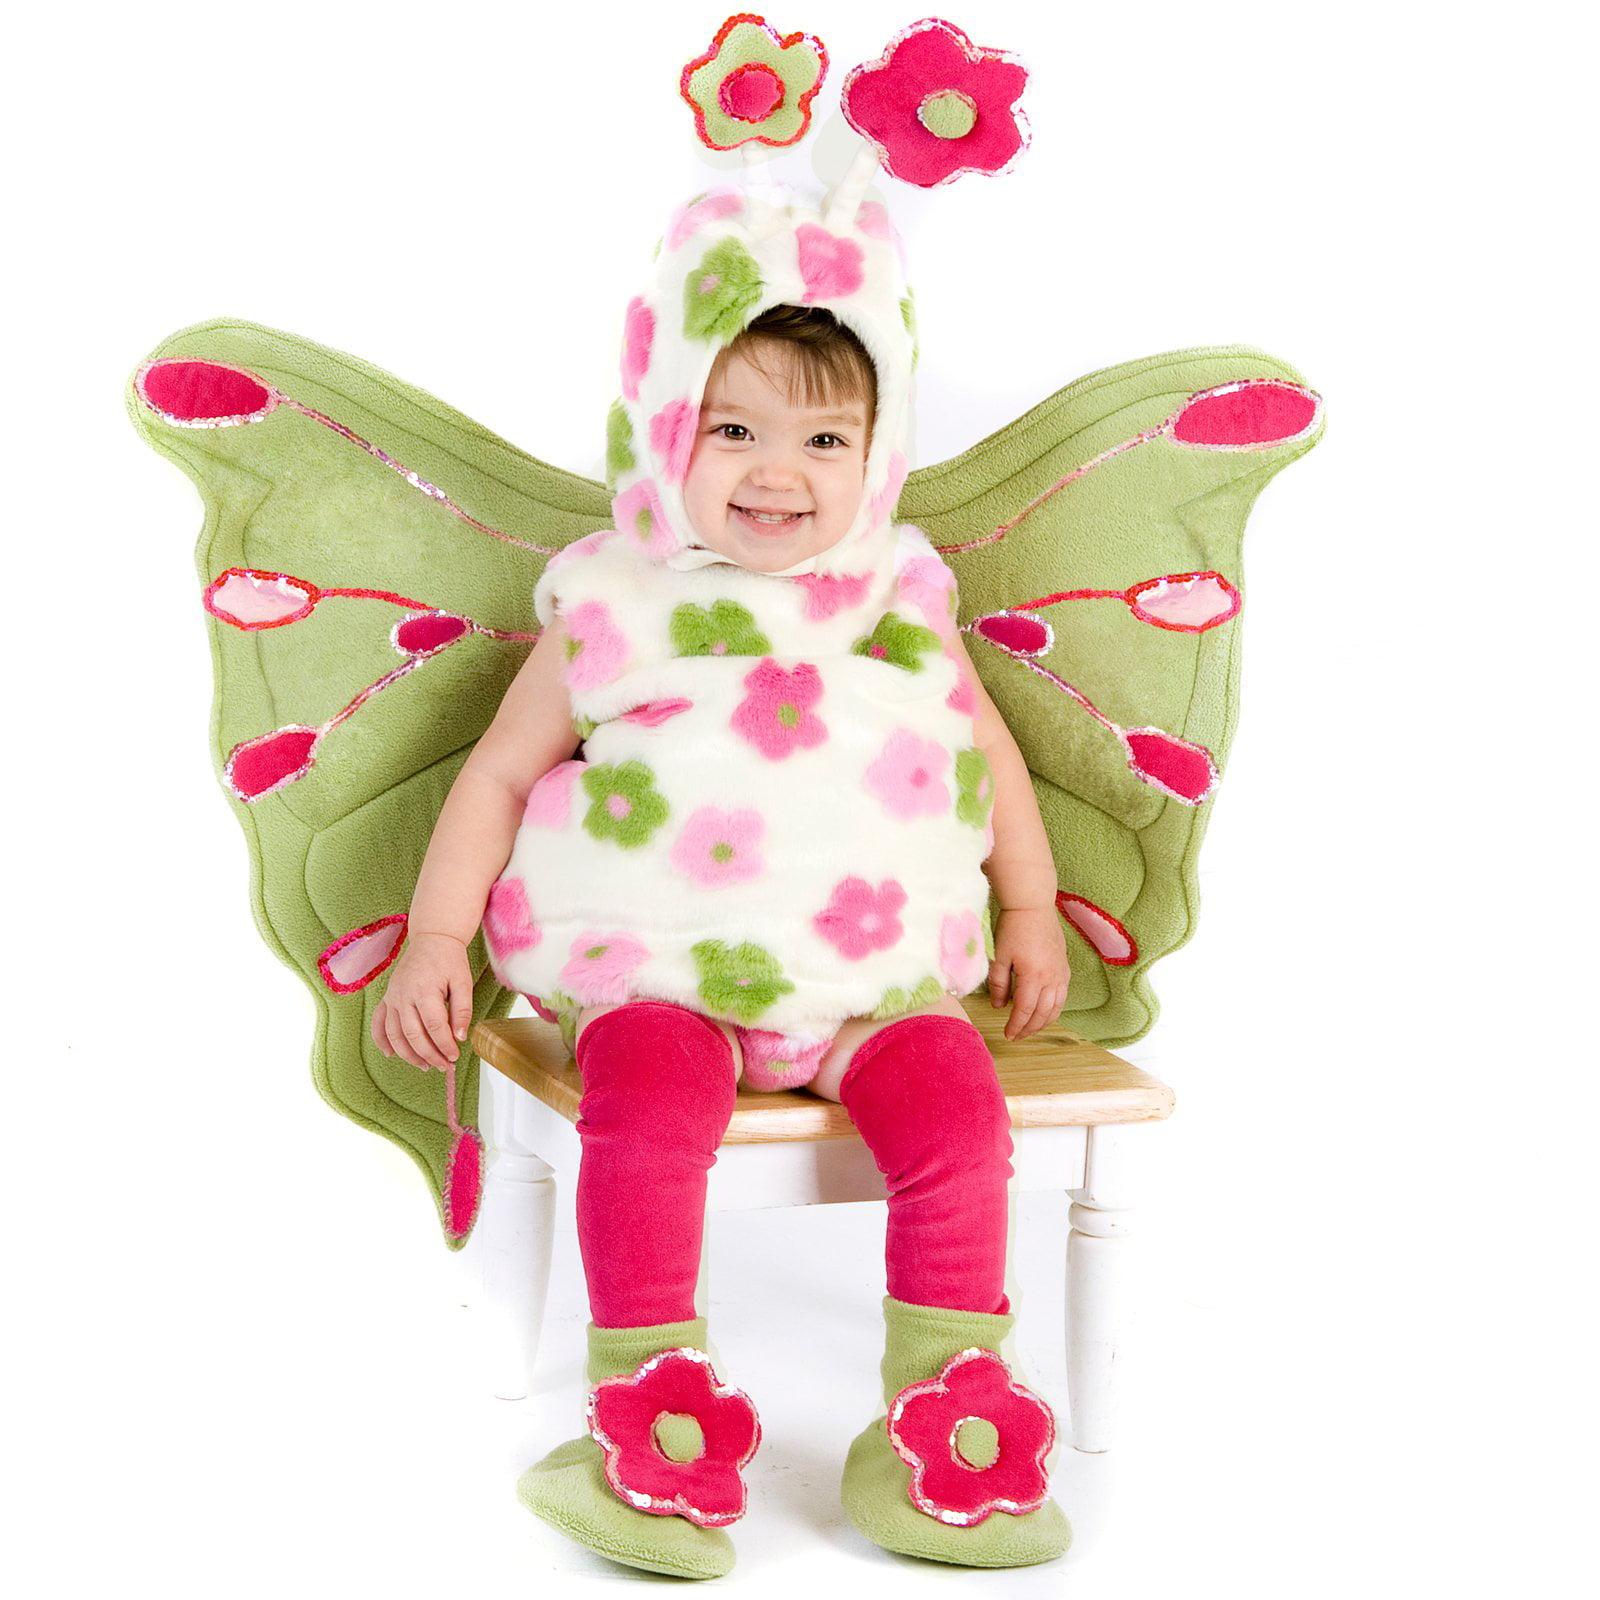 sc 1 st  Walmart.com & Butterfly Girlsu0027 Toddler Halloween Costume - Walmart.com